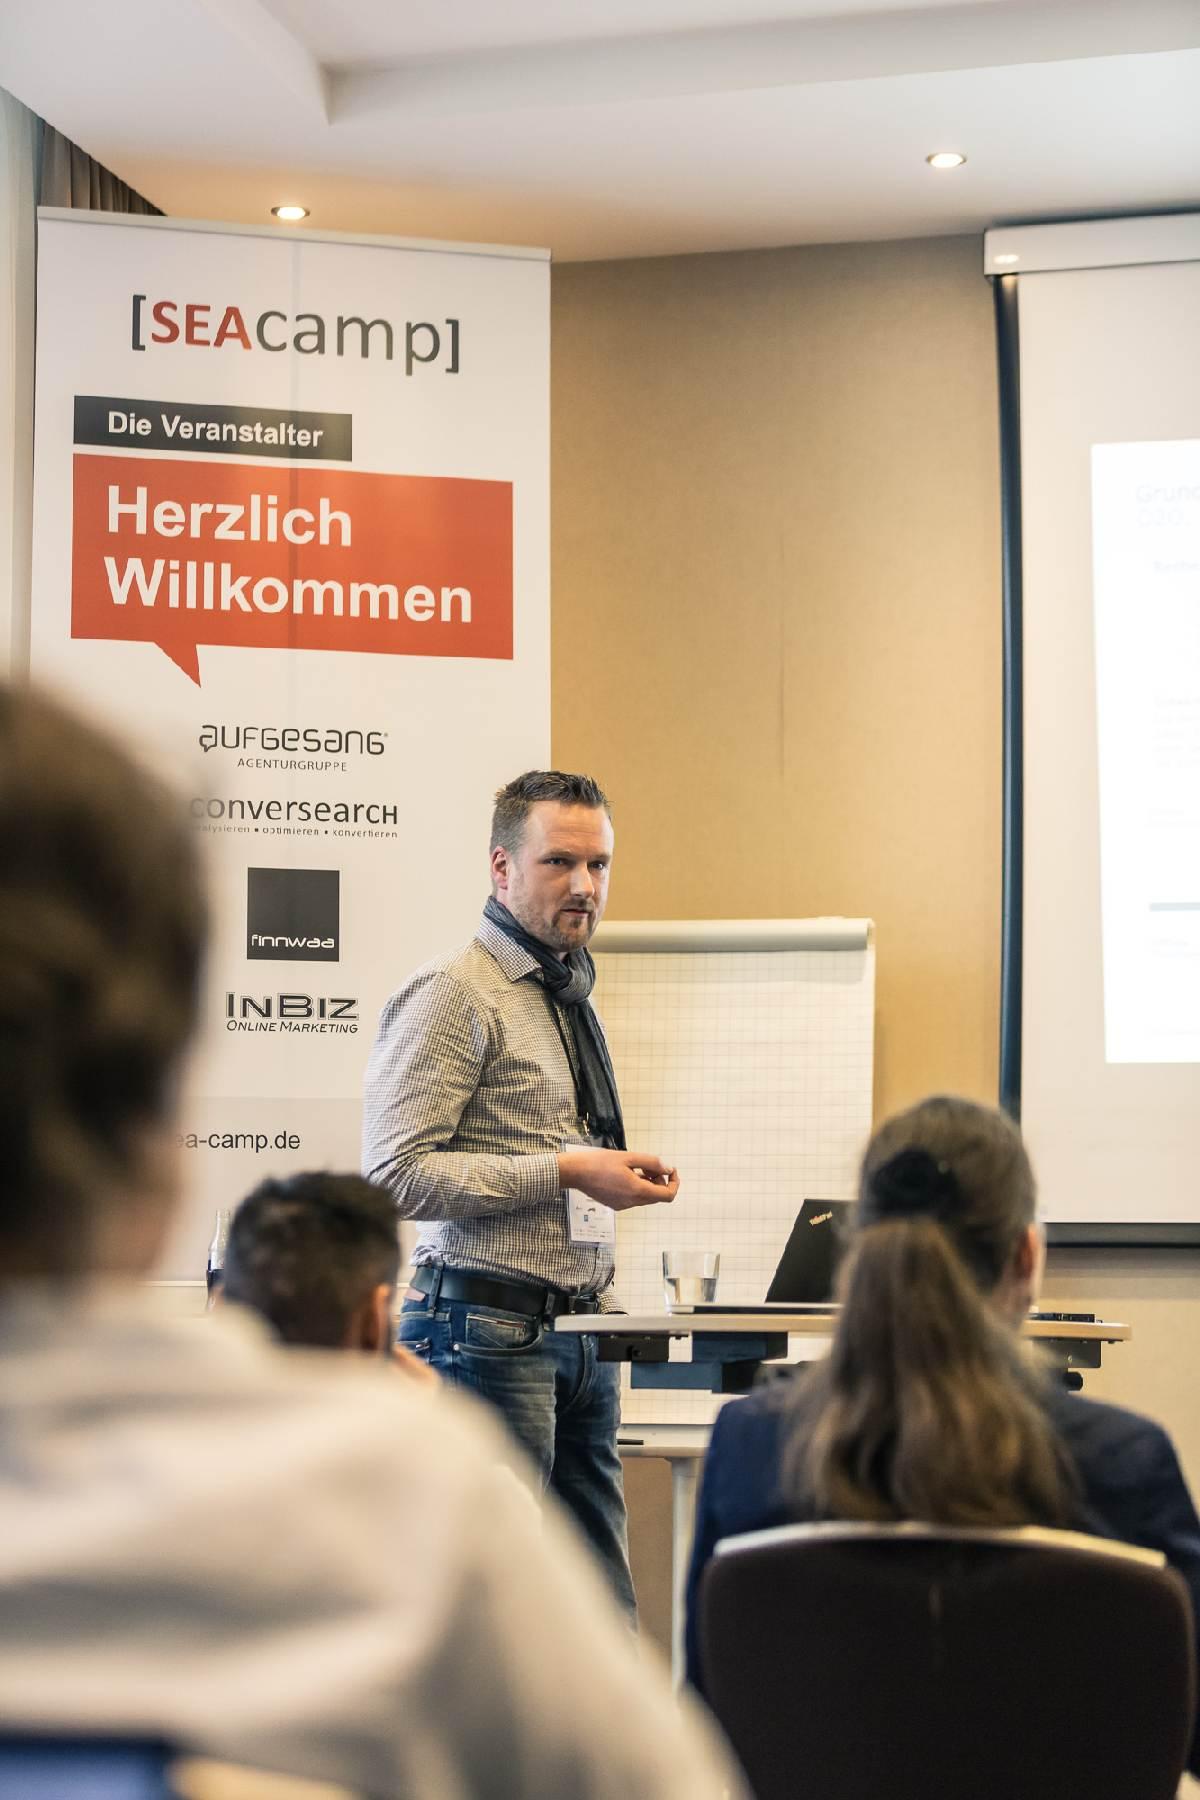 hannover_2017_SEAcamp-905(1)